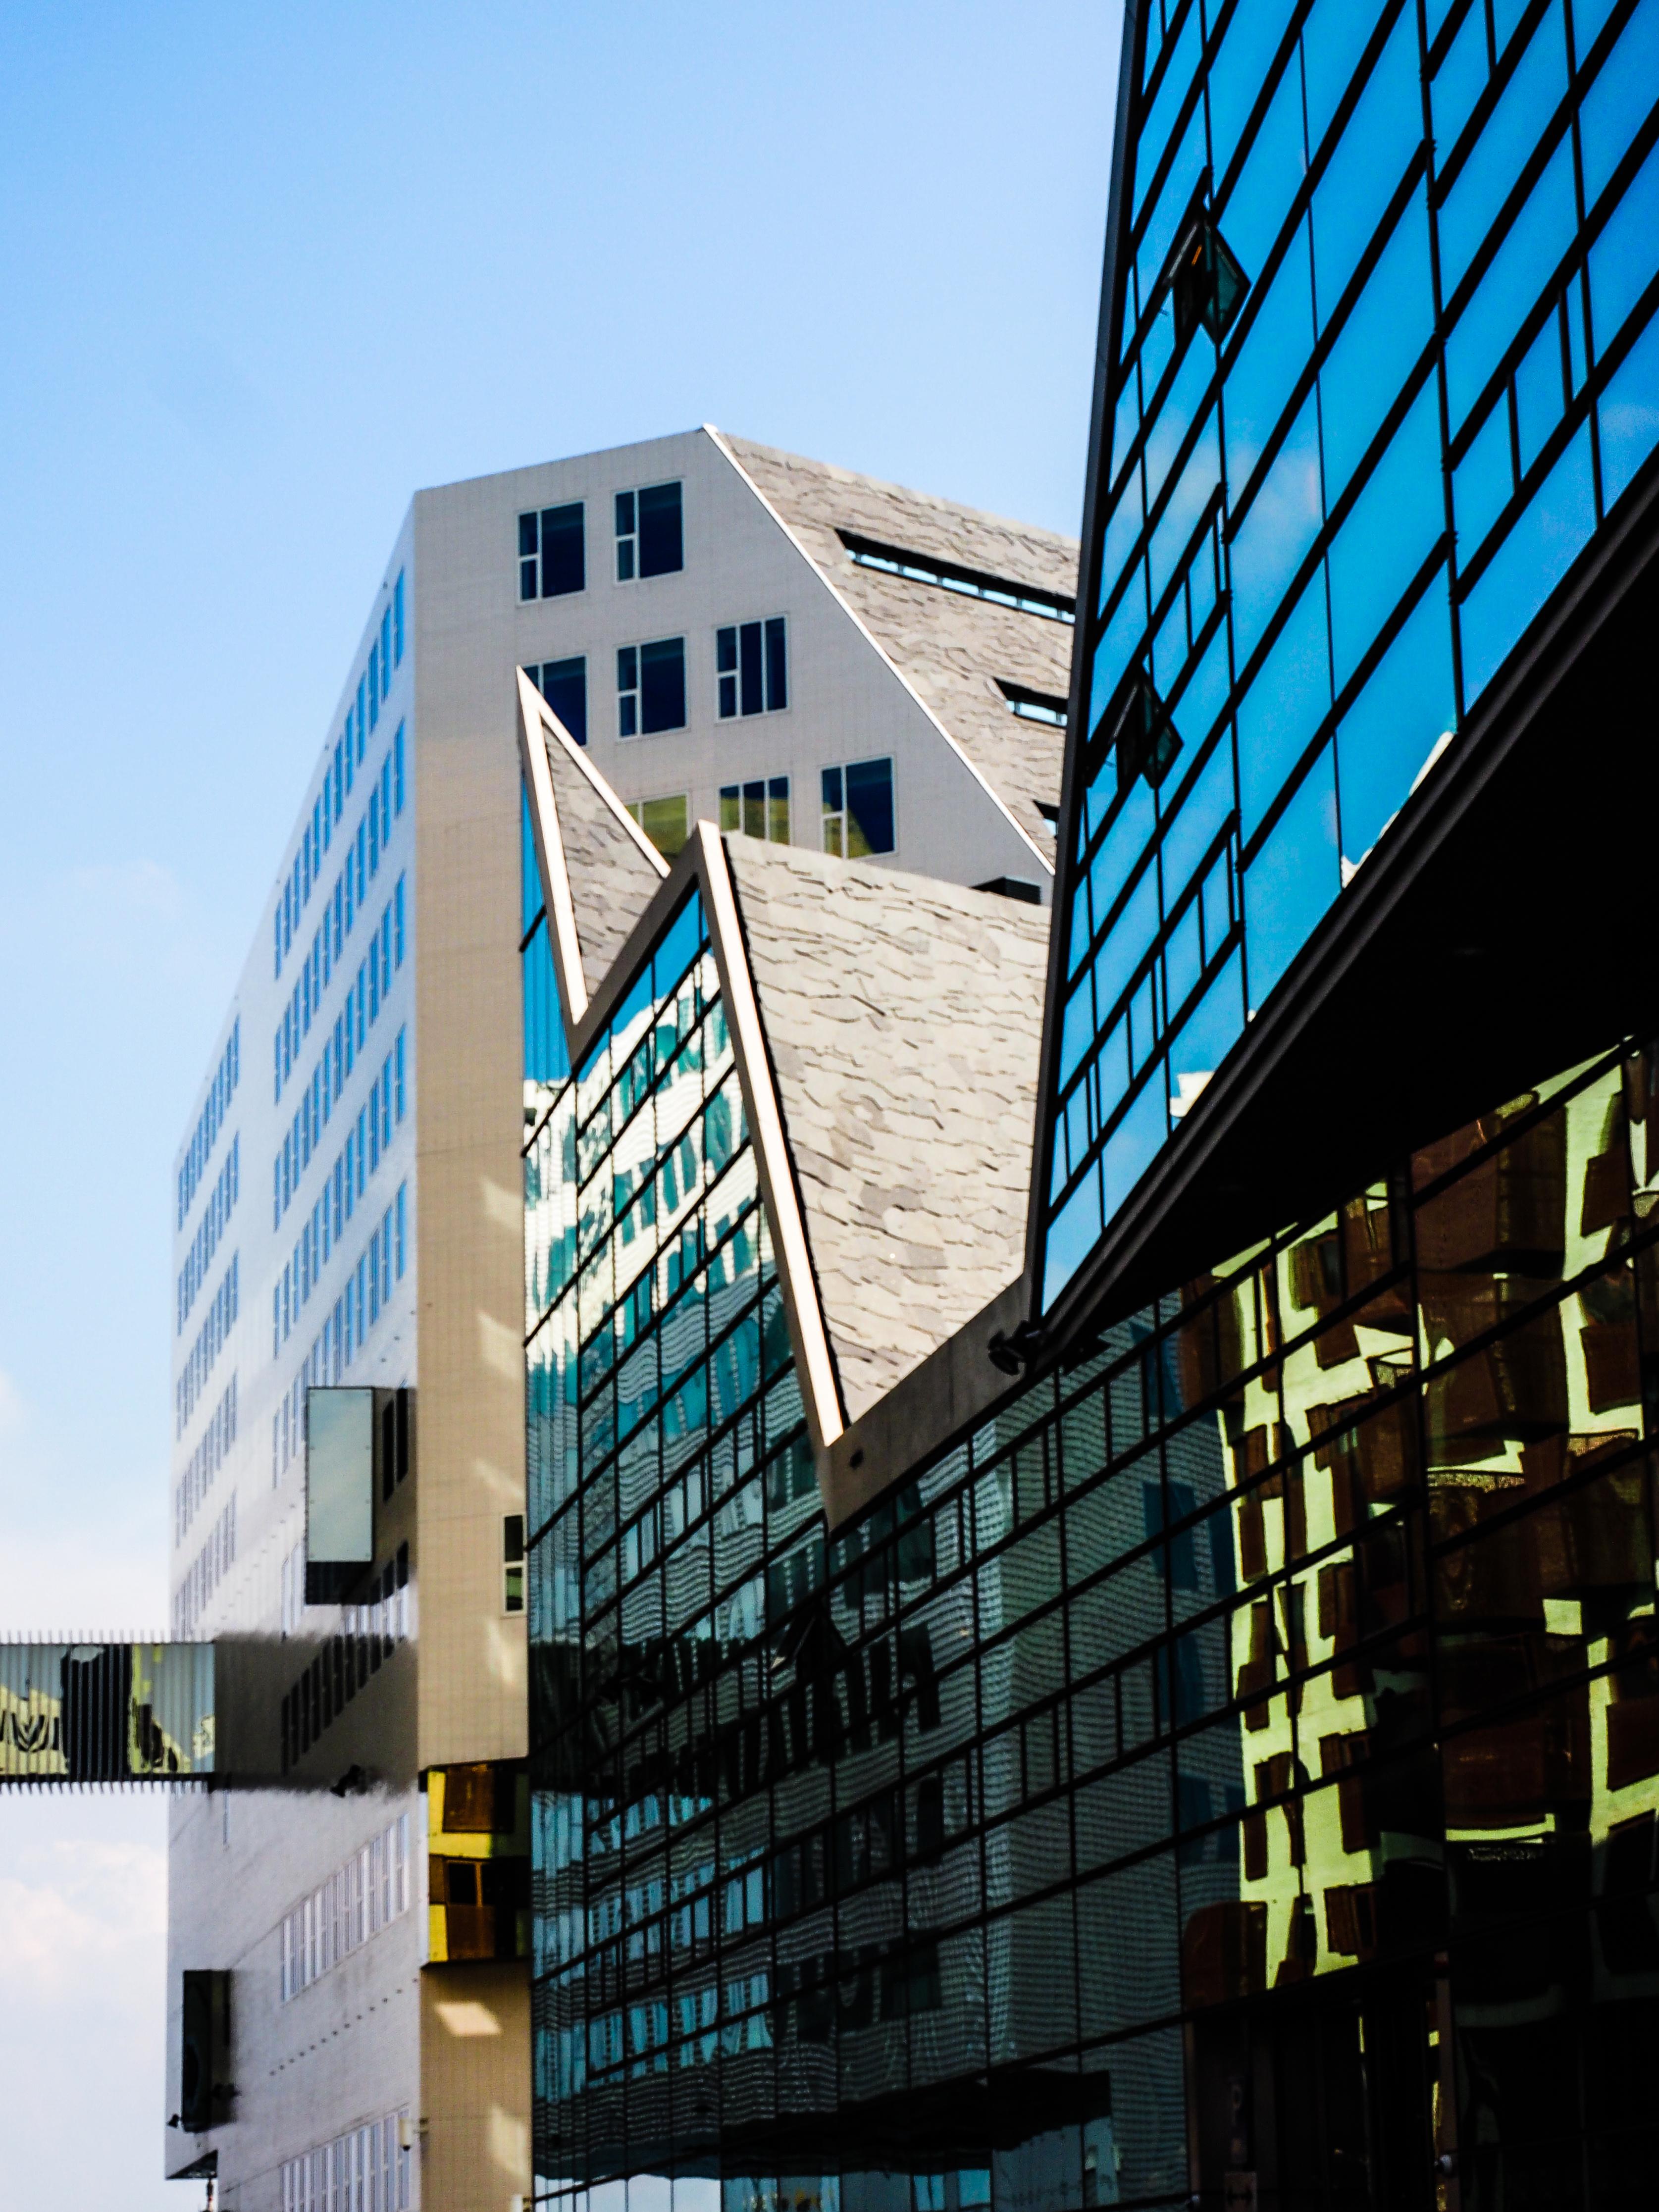 Urban_Architektur-16